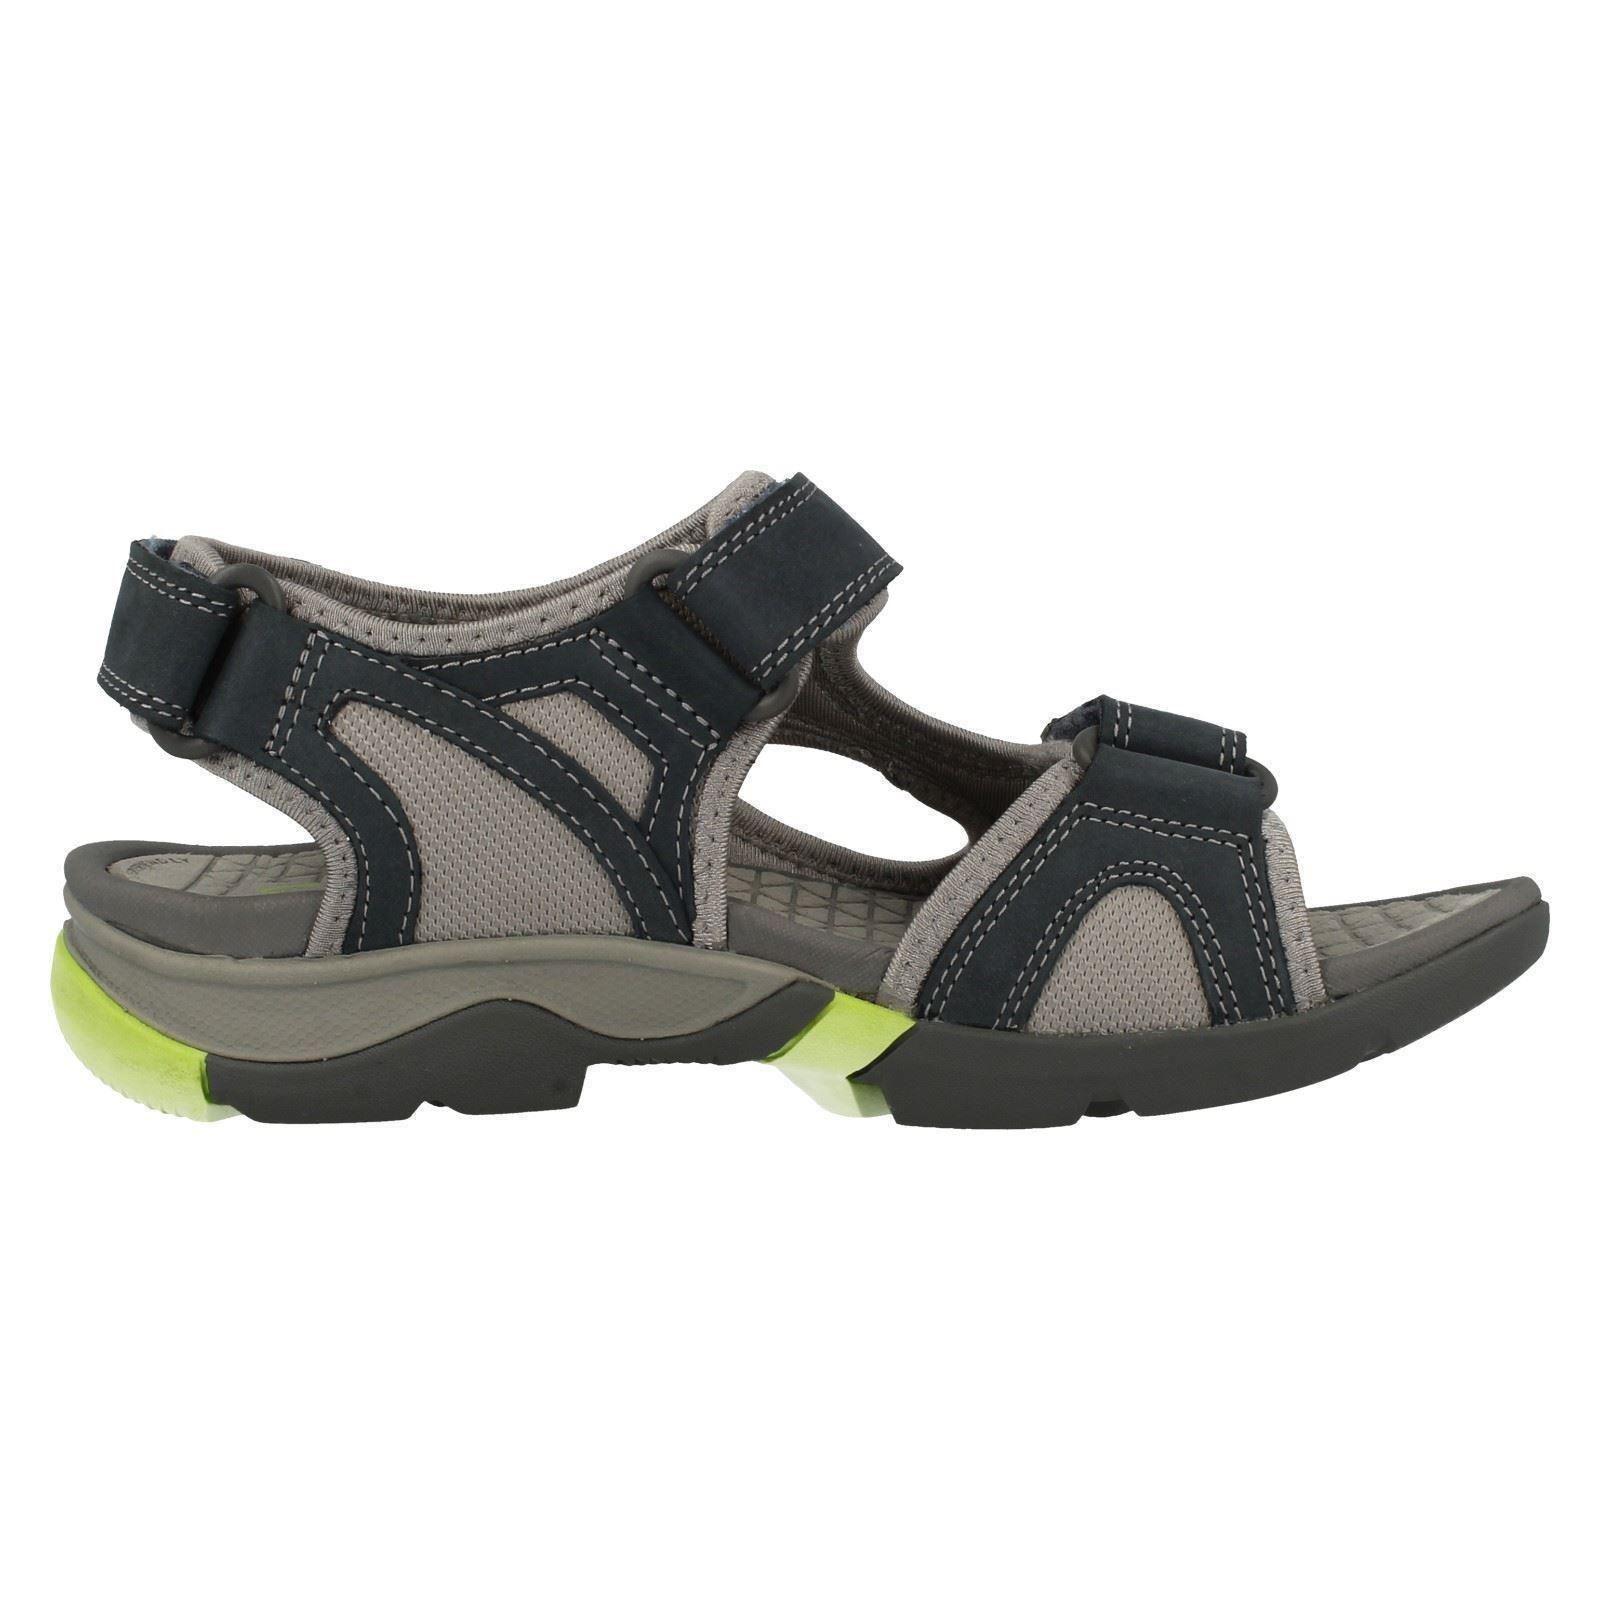 39c943c198fef4 ... mesdames clarks marcher des sandales en en en cuir style vague de  sortie | Exquise ...